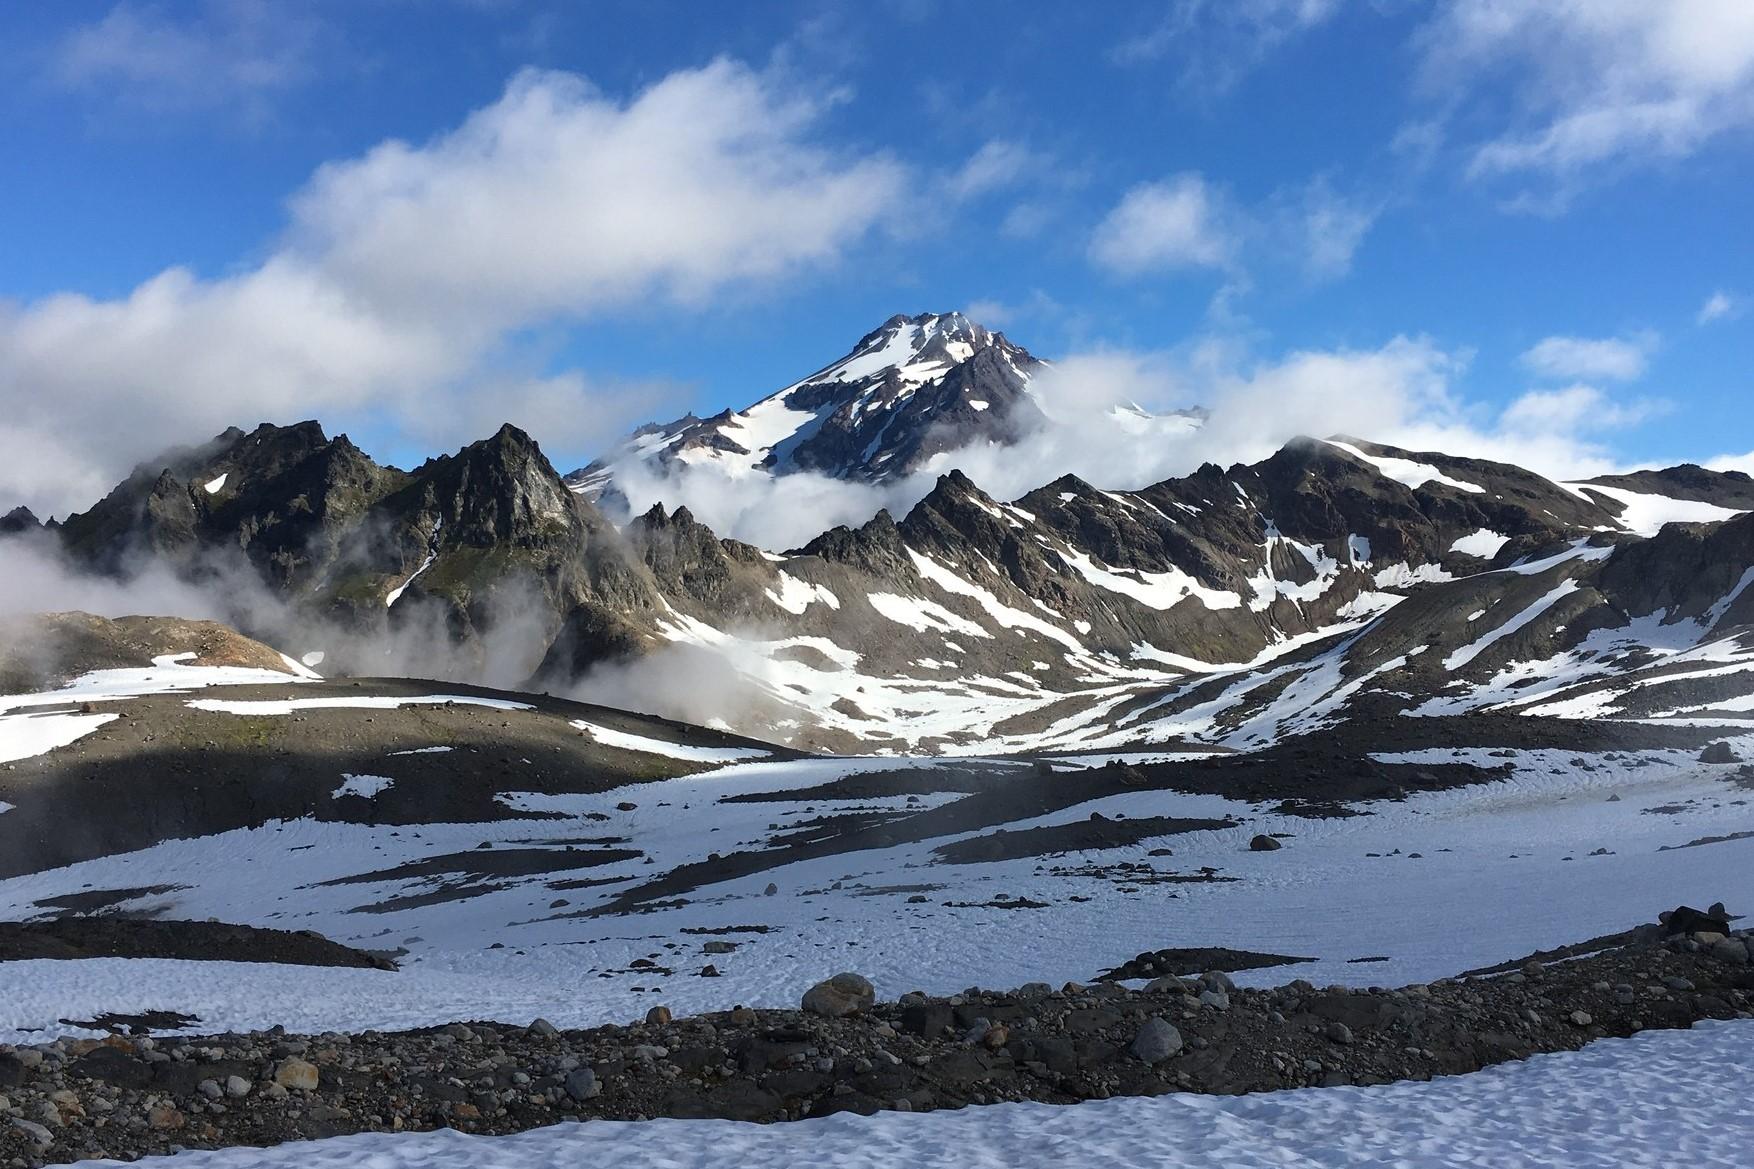 Glacier Peak by Joey.jpeg